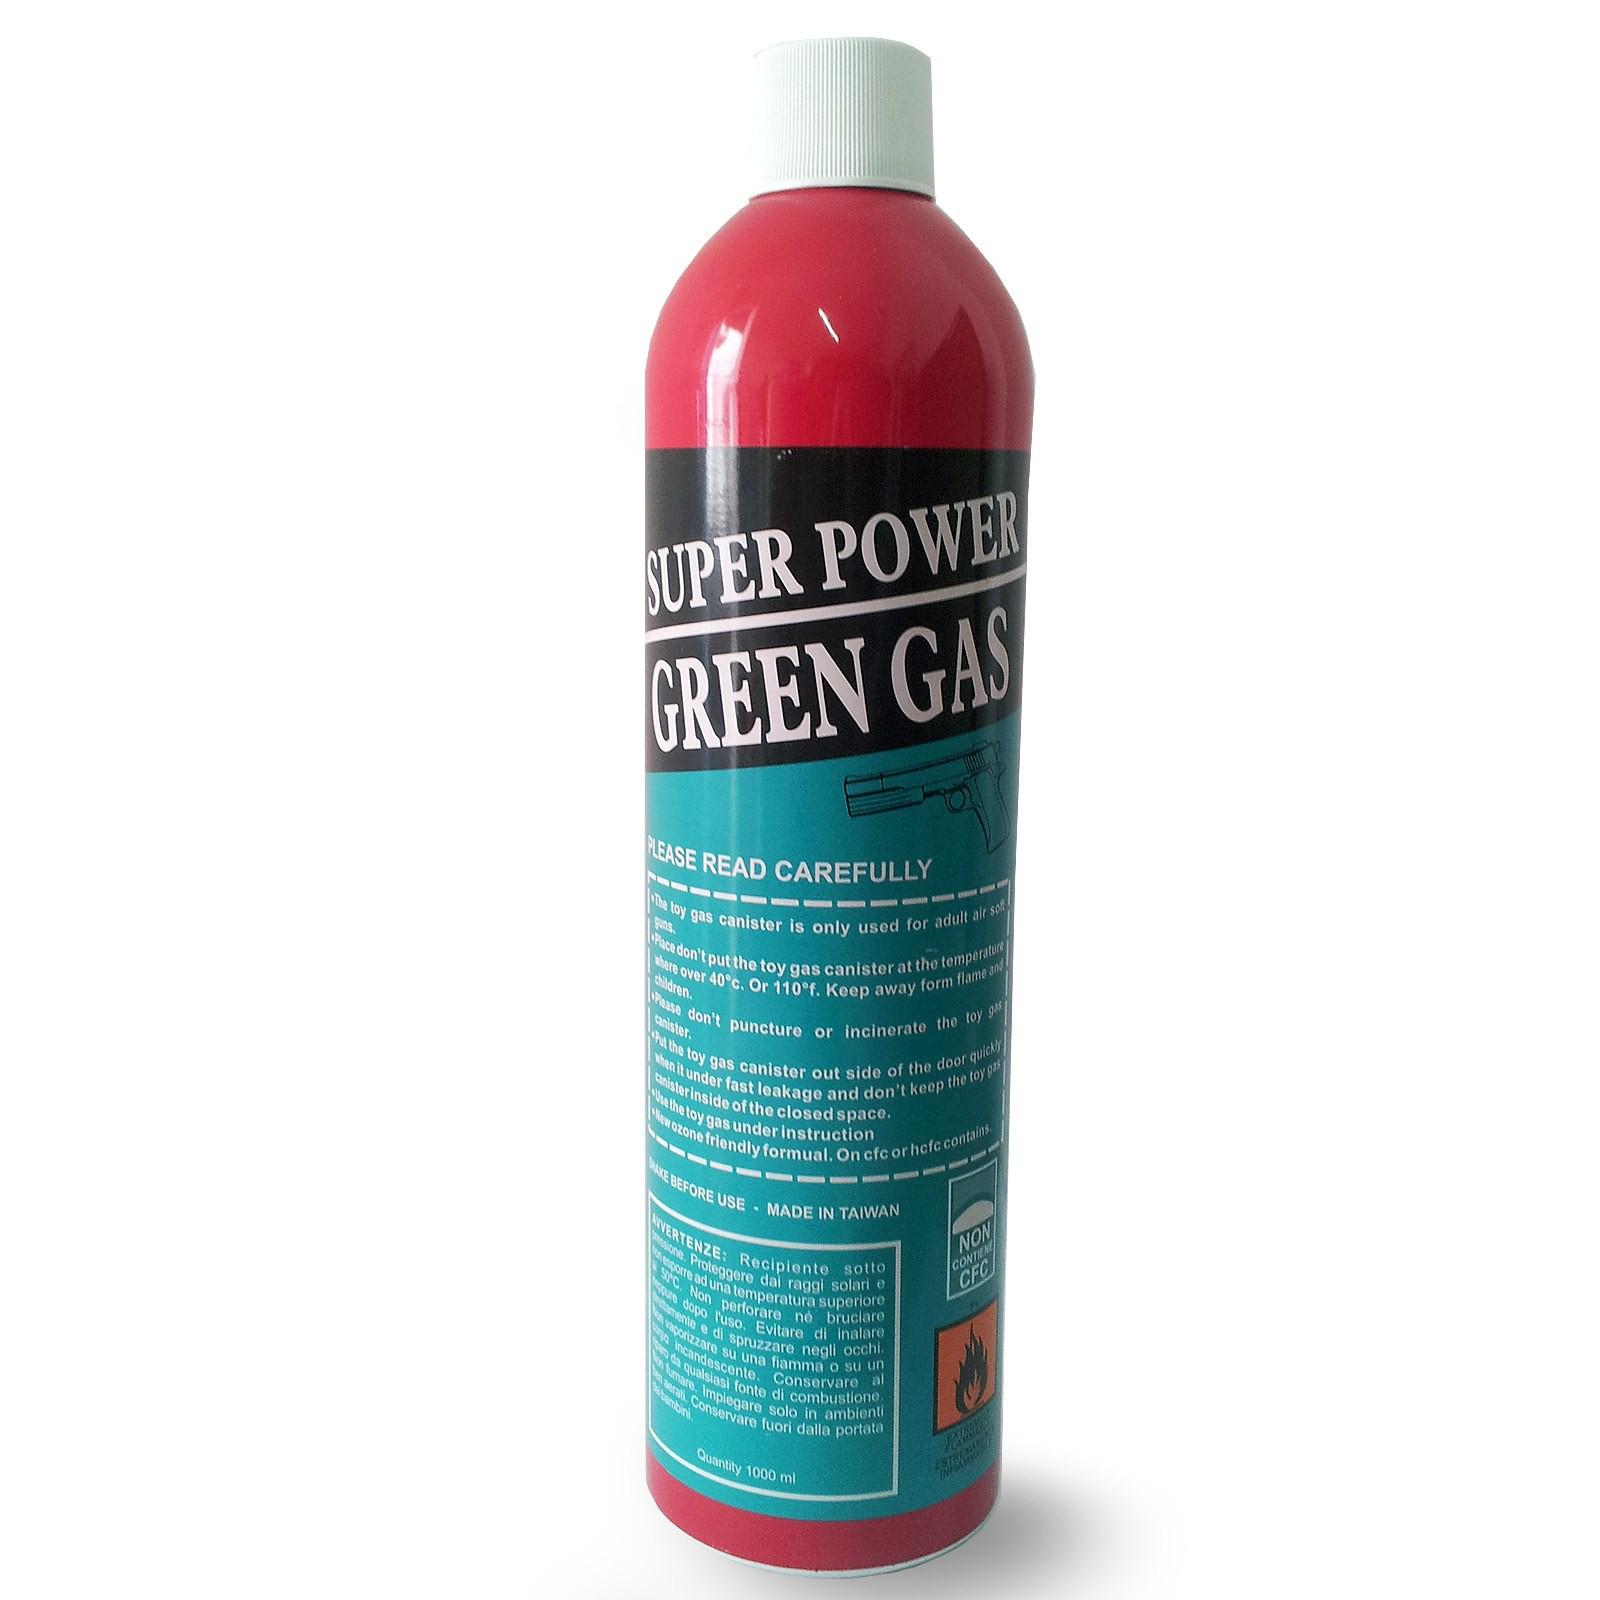 BOMBOLETTA BOMBOLA RICARICA GREEN GAS SUPER POWER PER SOFTAIR DA 1000ML Shop SoftAir